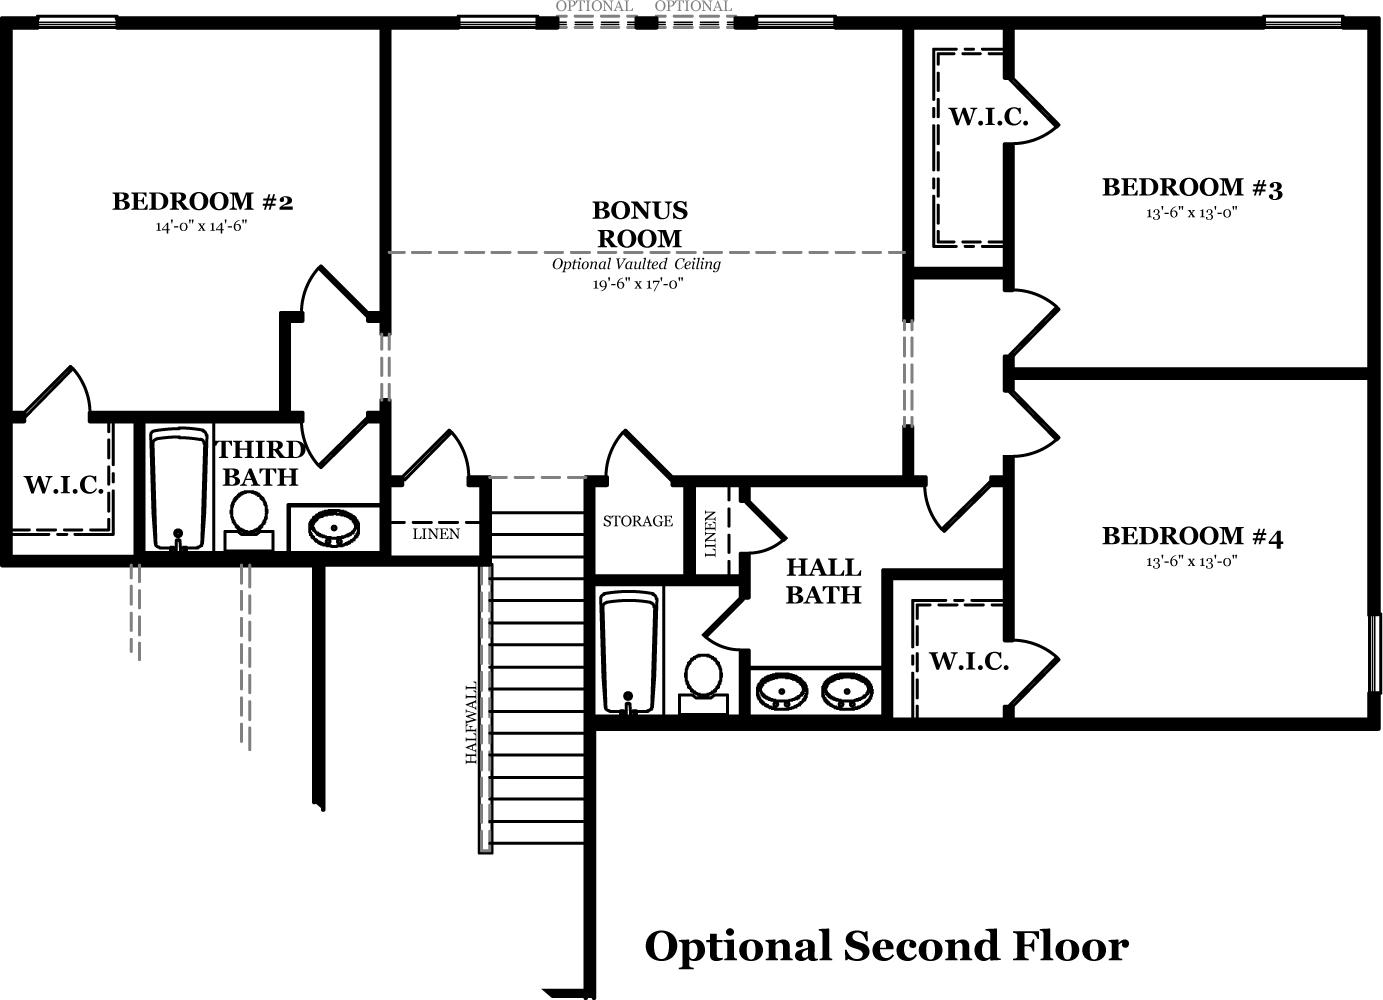 drayton the jones company floorplan quickview